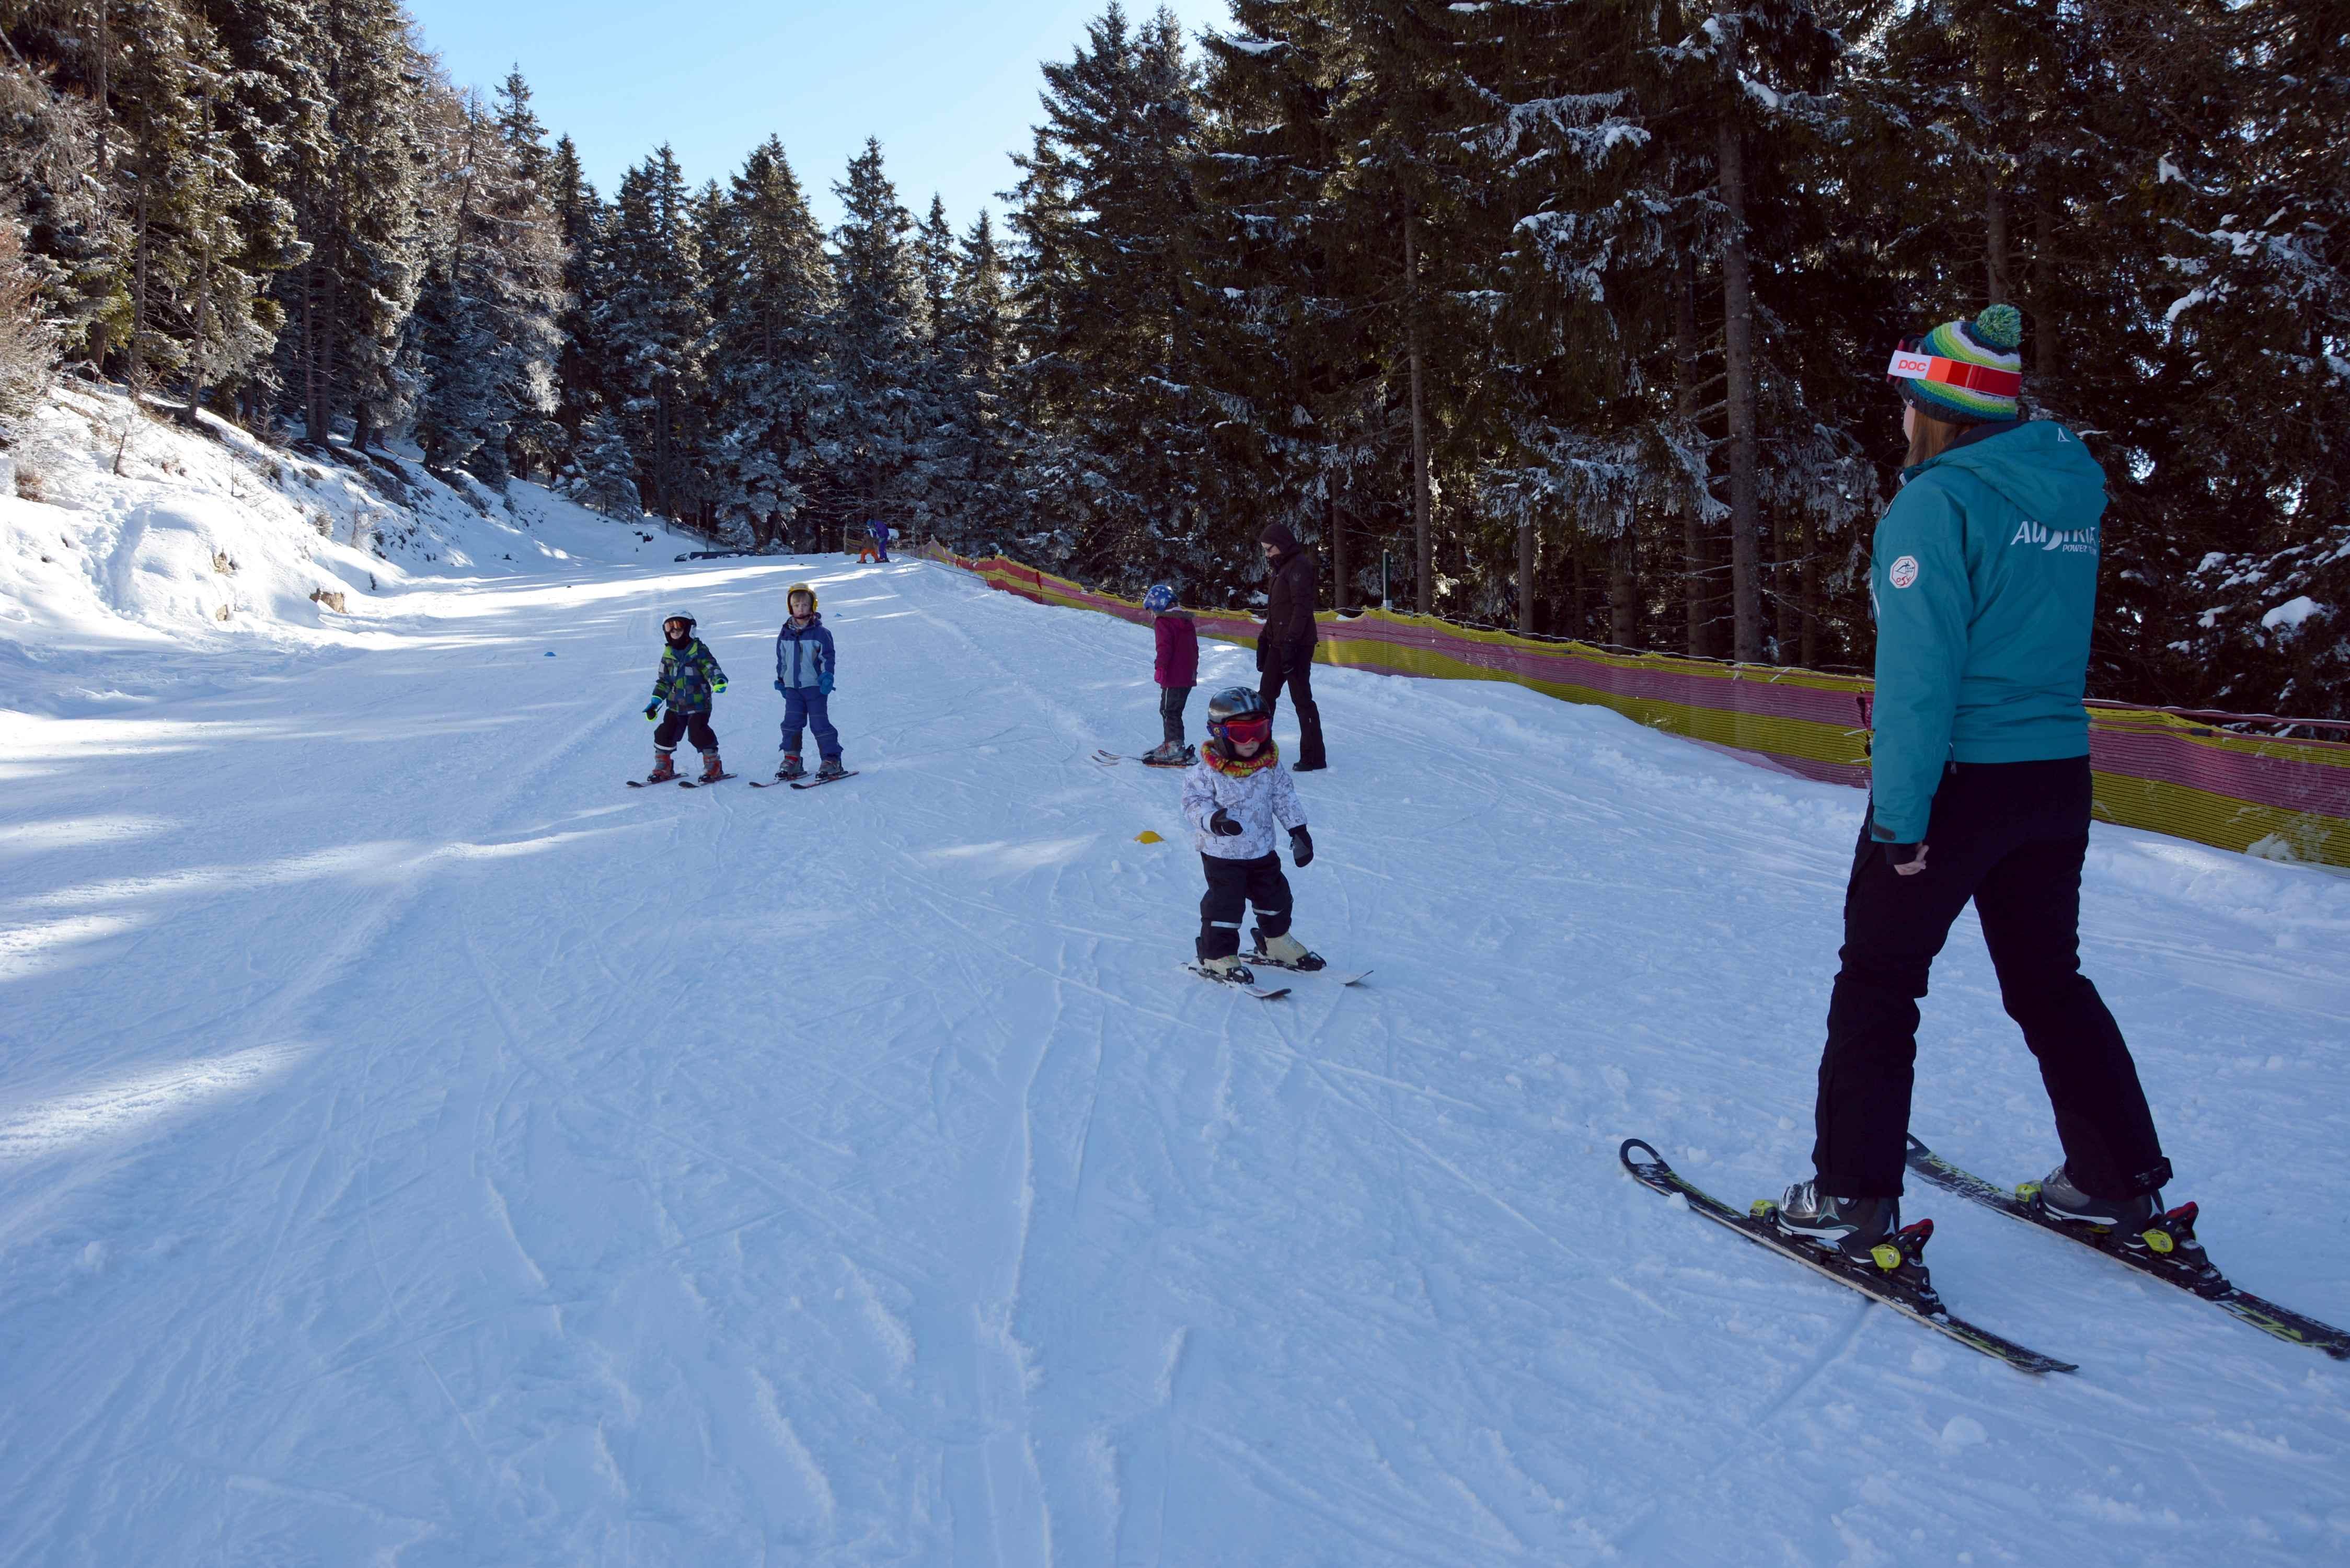 Hier können die Kinder skifahren lernen - Kleine Gruppen in der Skischule